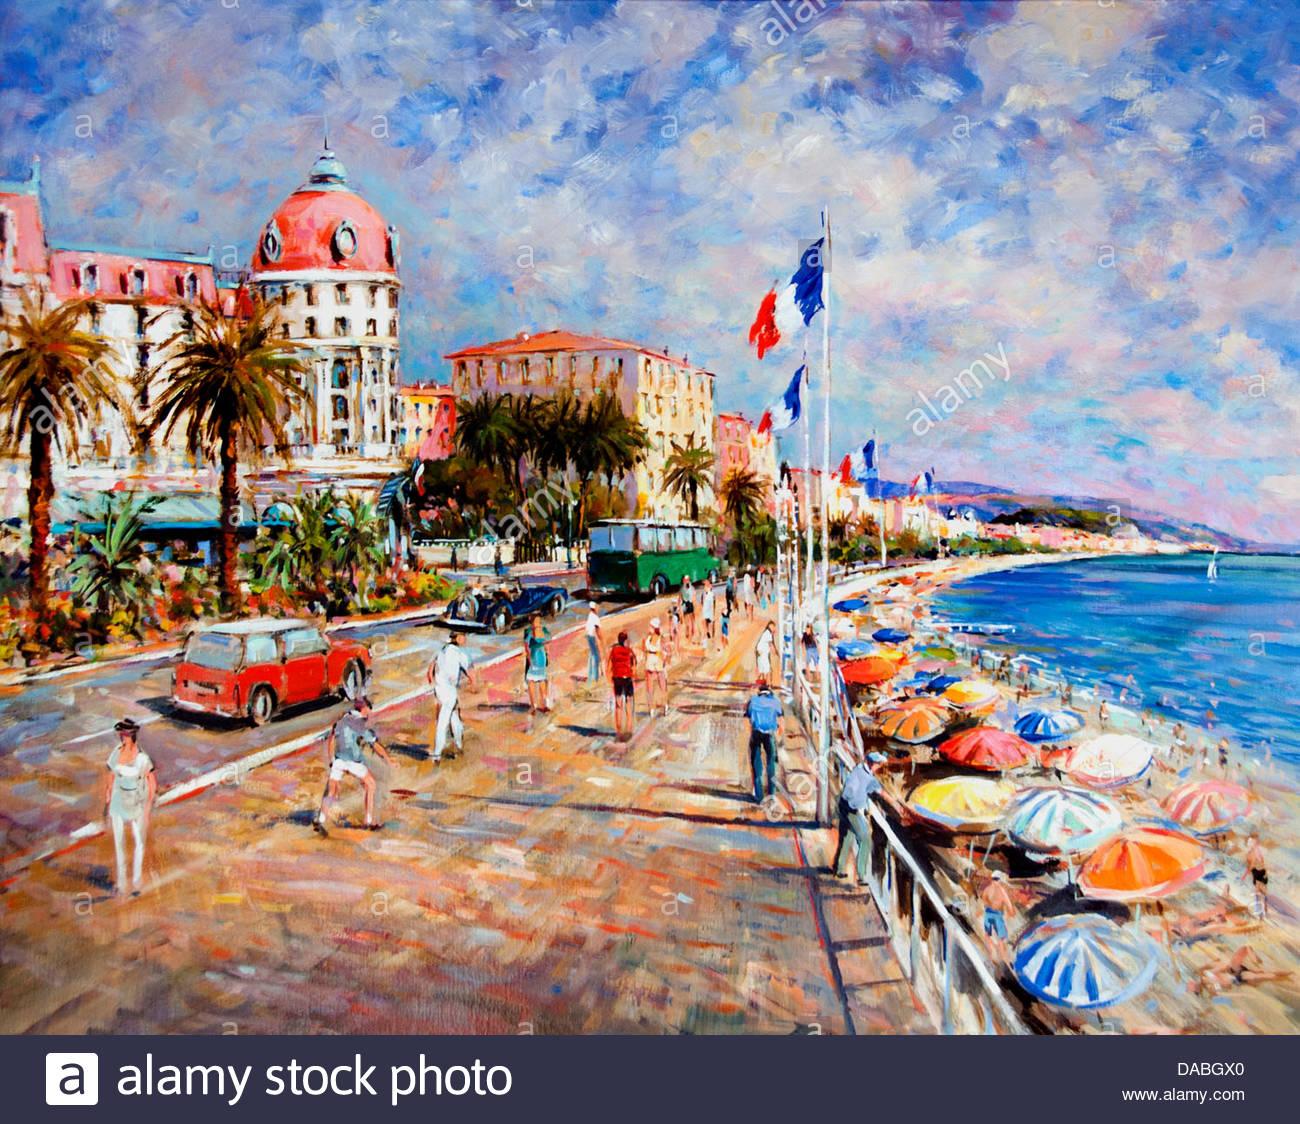 painting hotel negresco nice beach promenade des anglais